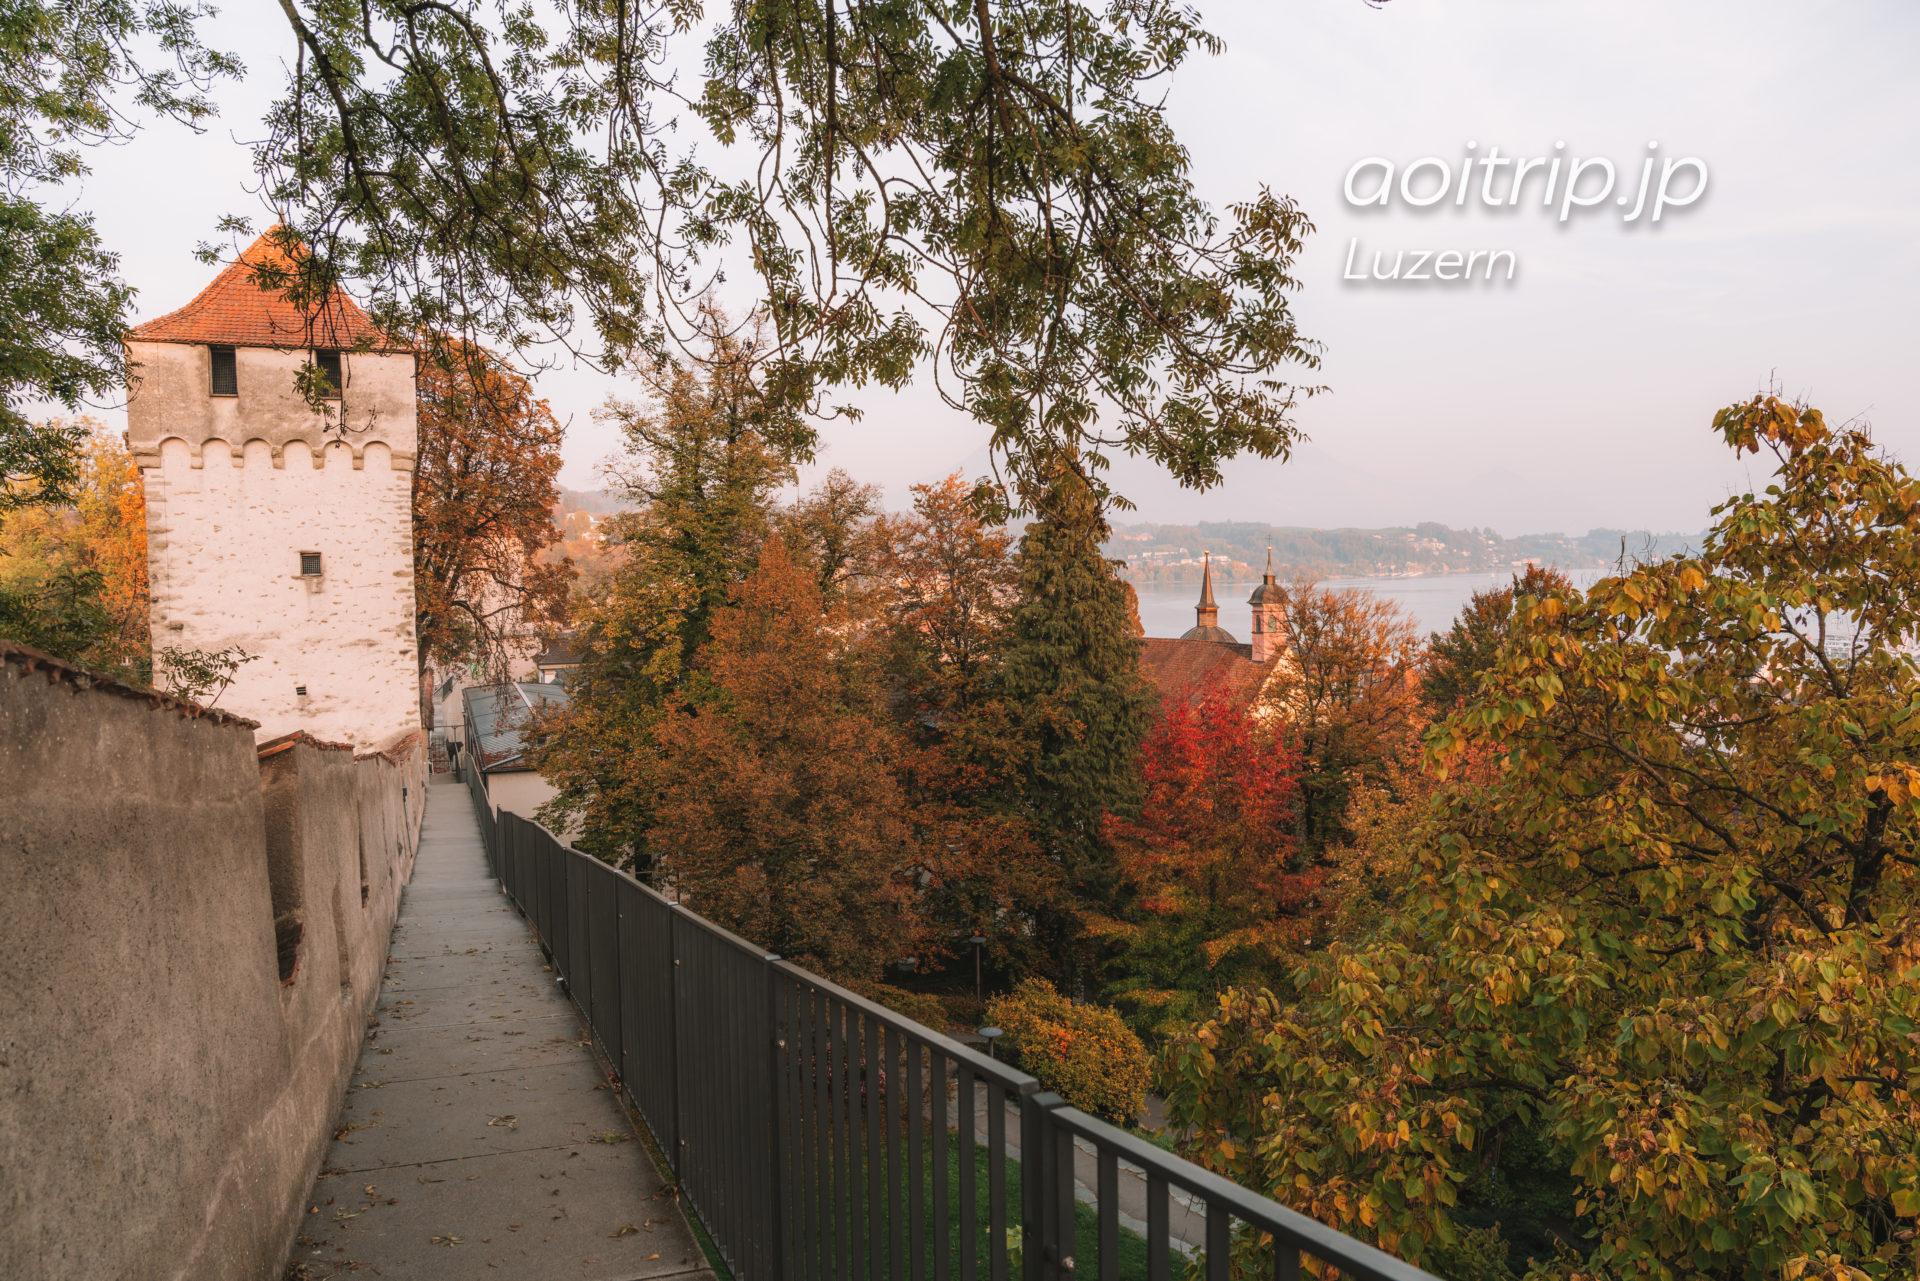 ルツェルンのムーゼック城壁 AllenwindenturmとPulverturm